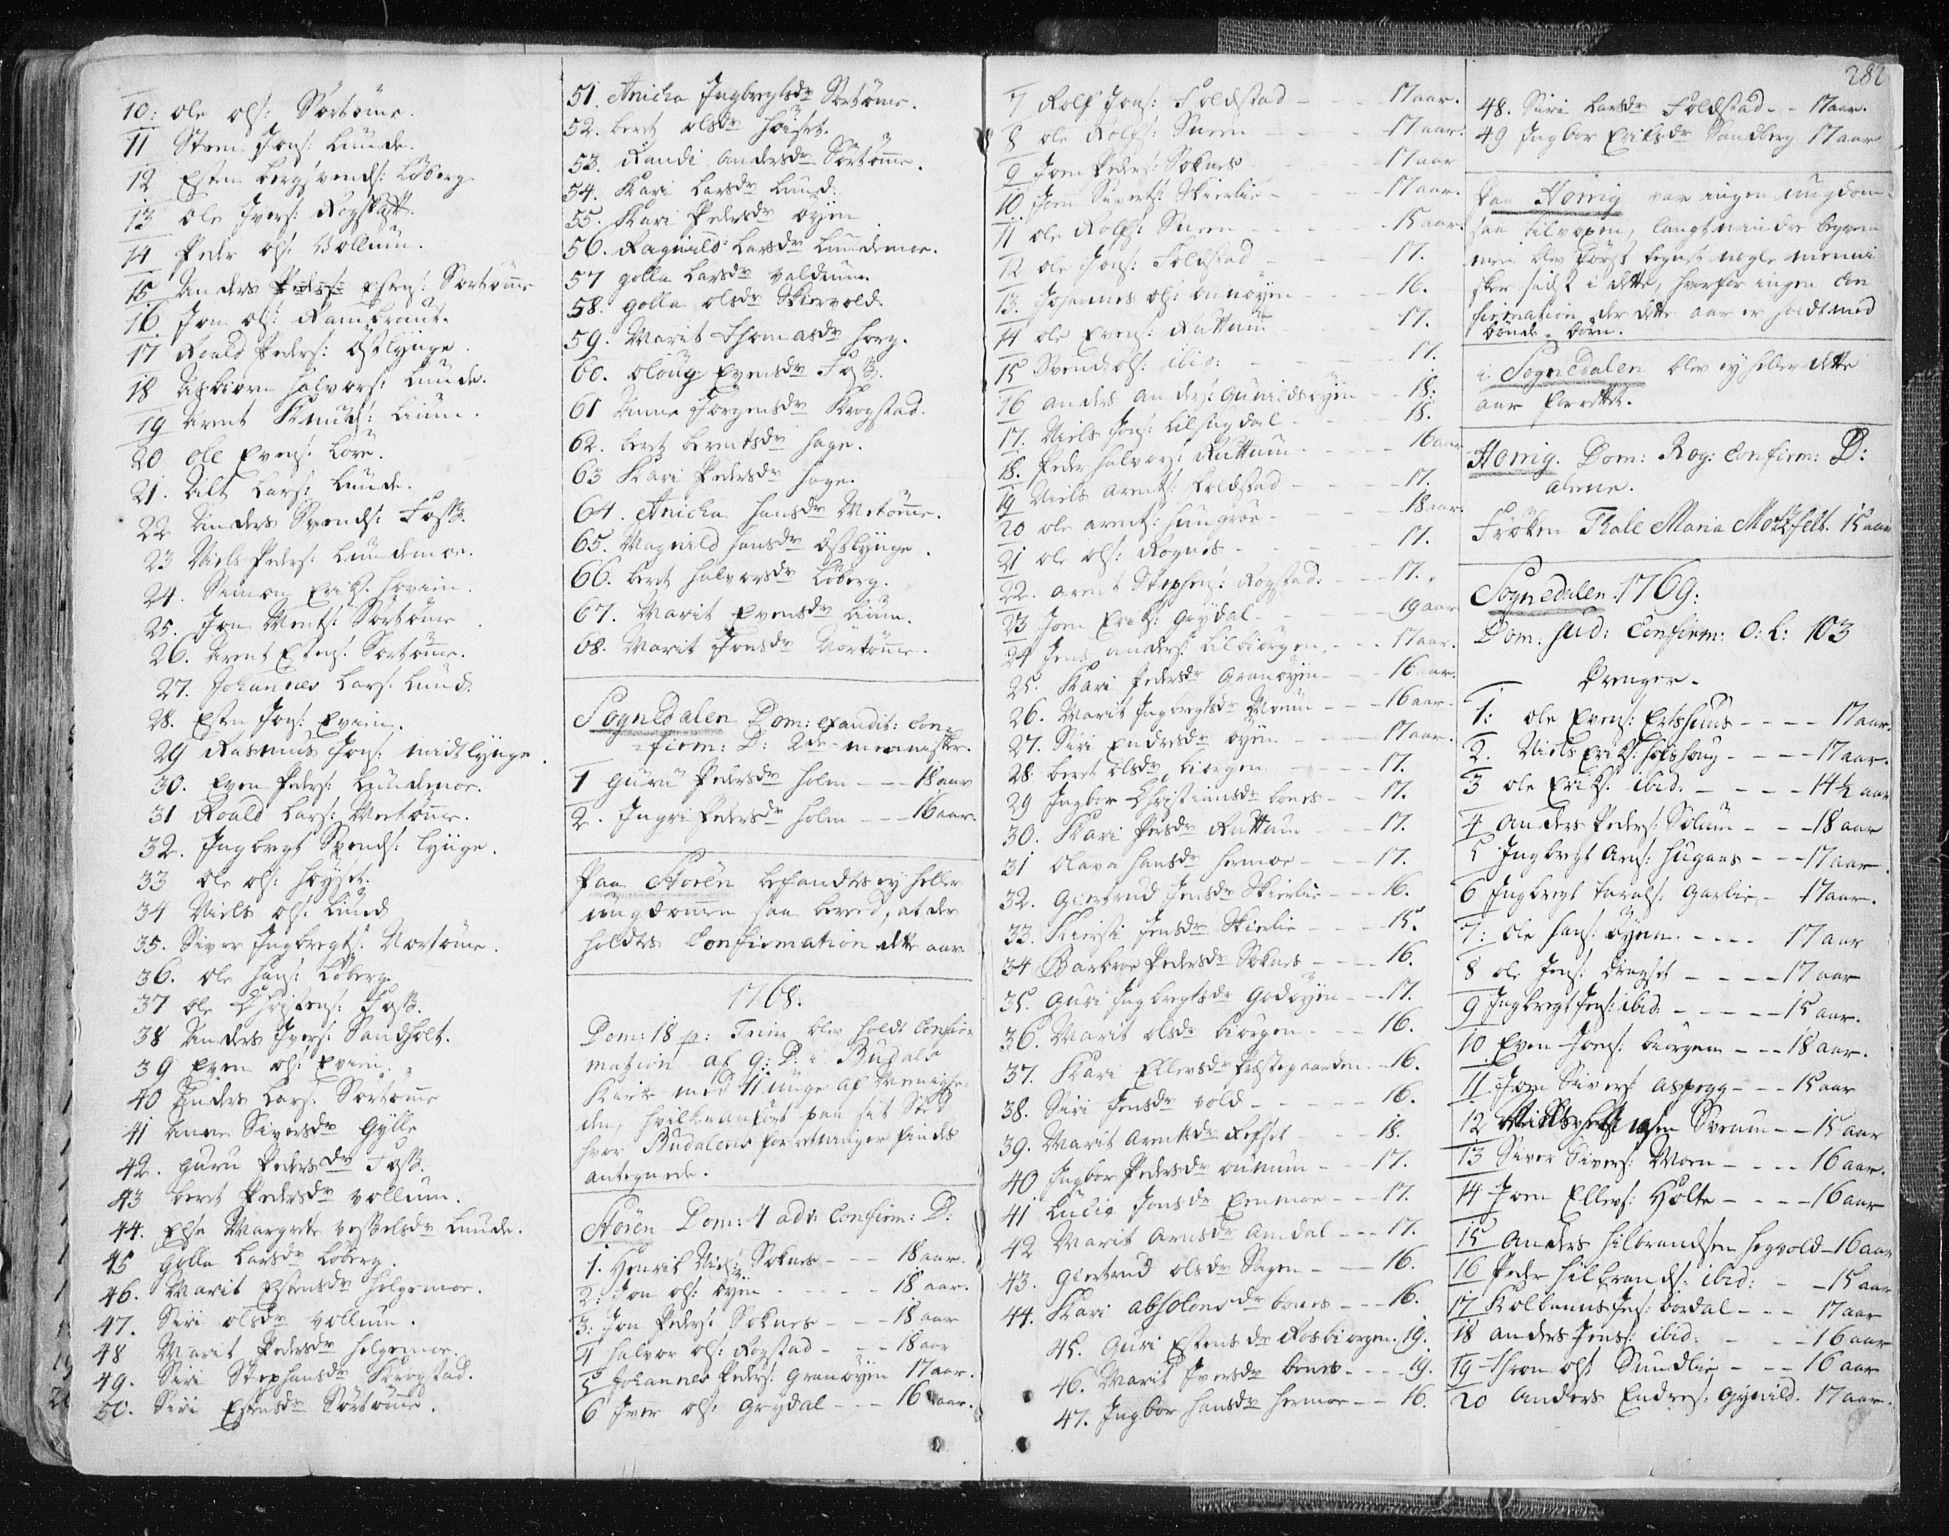 SAT, Ministerialprotokoller, klokkerbøker og fødselsregistre - Sør-Trøndelag, 687/L0991: Ministerialbok nr. 687A02, 1747-1790, s. 282